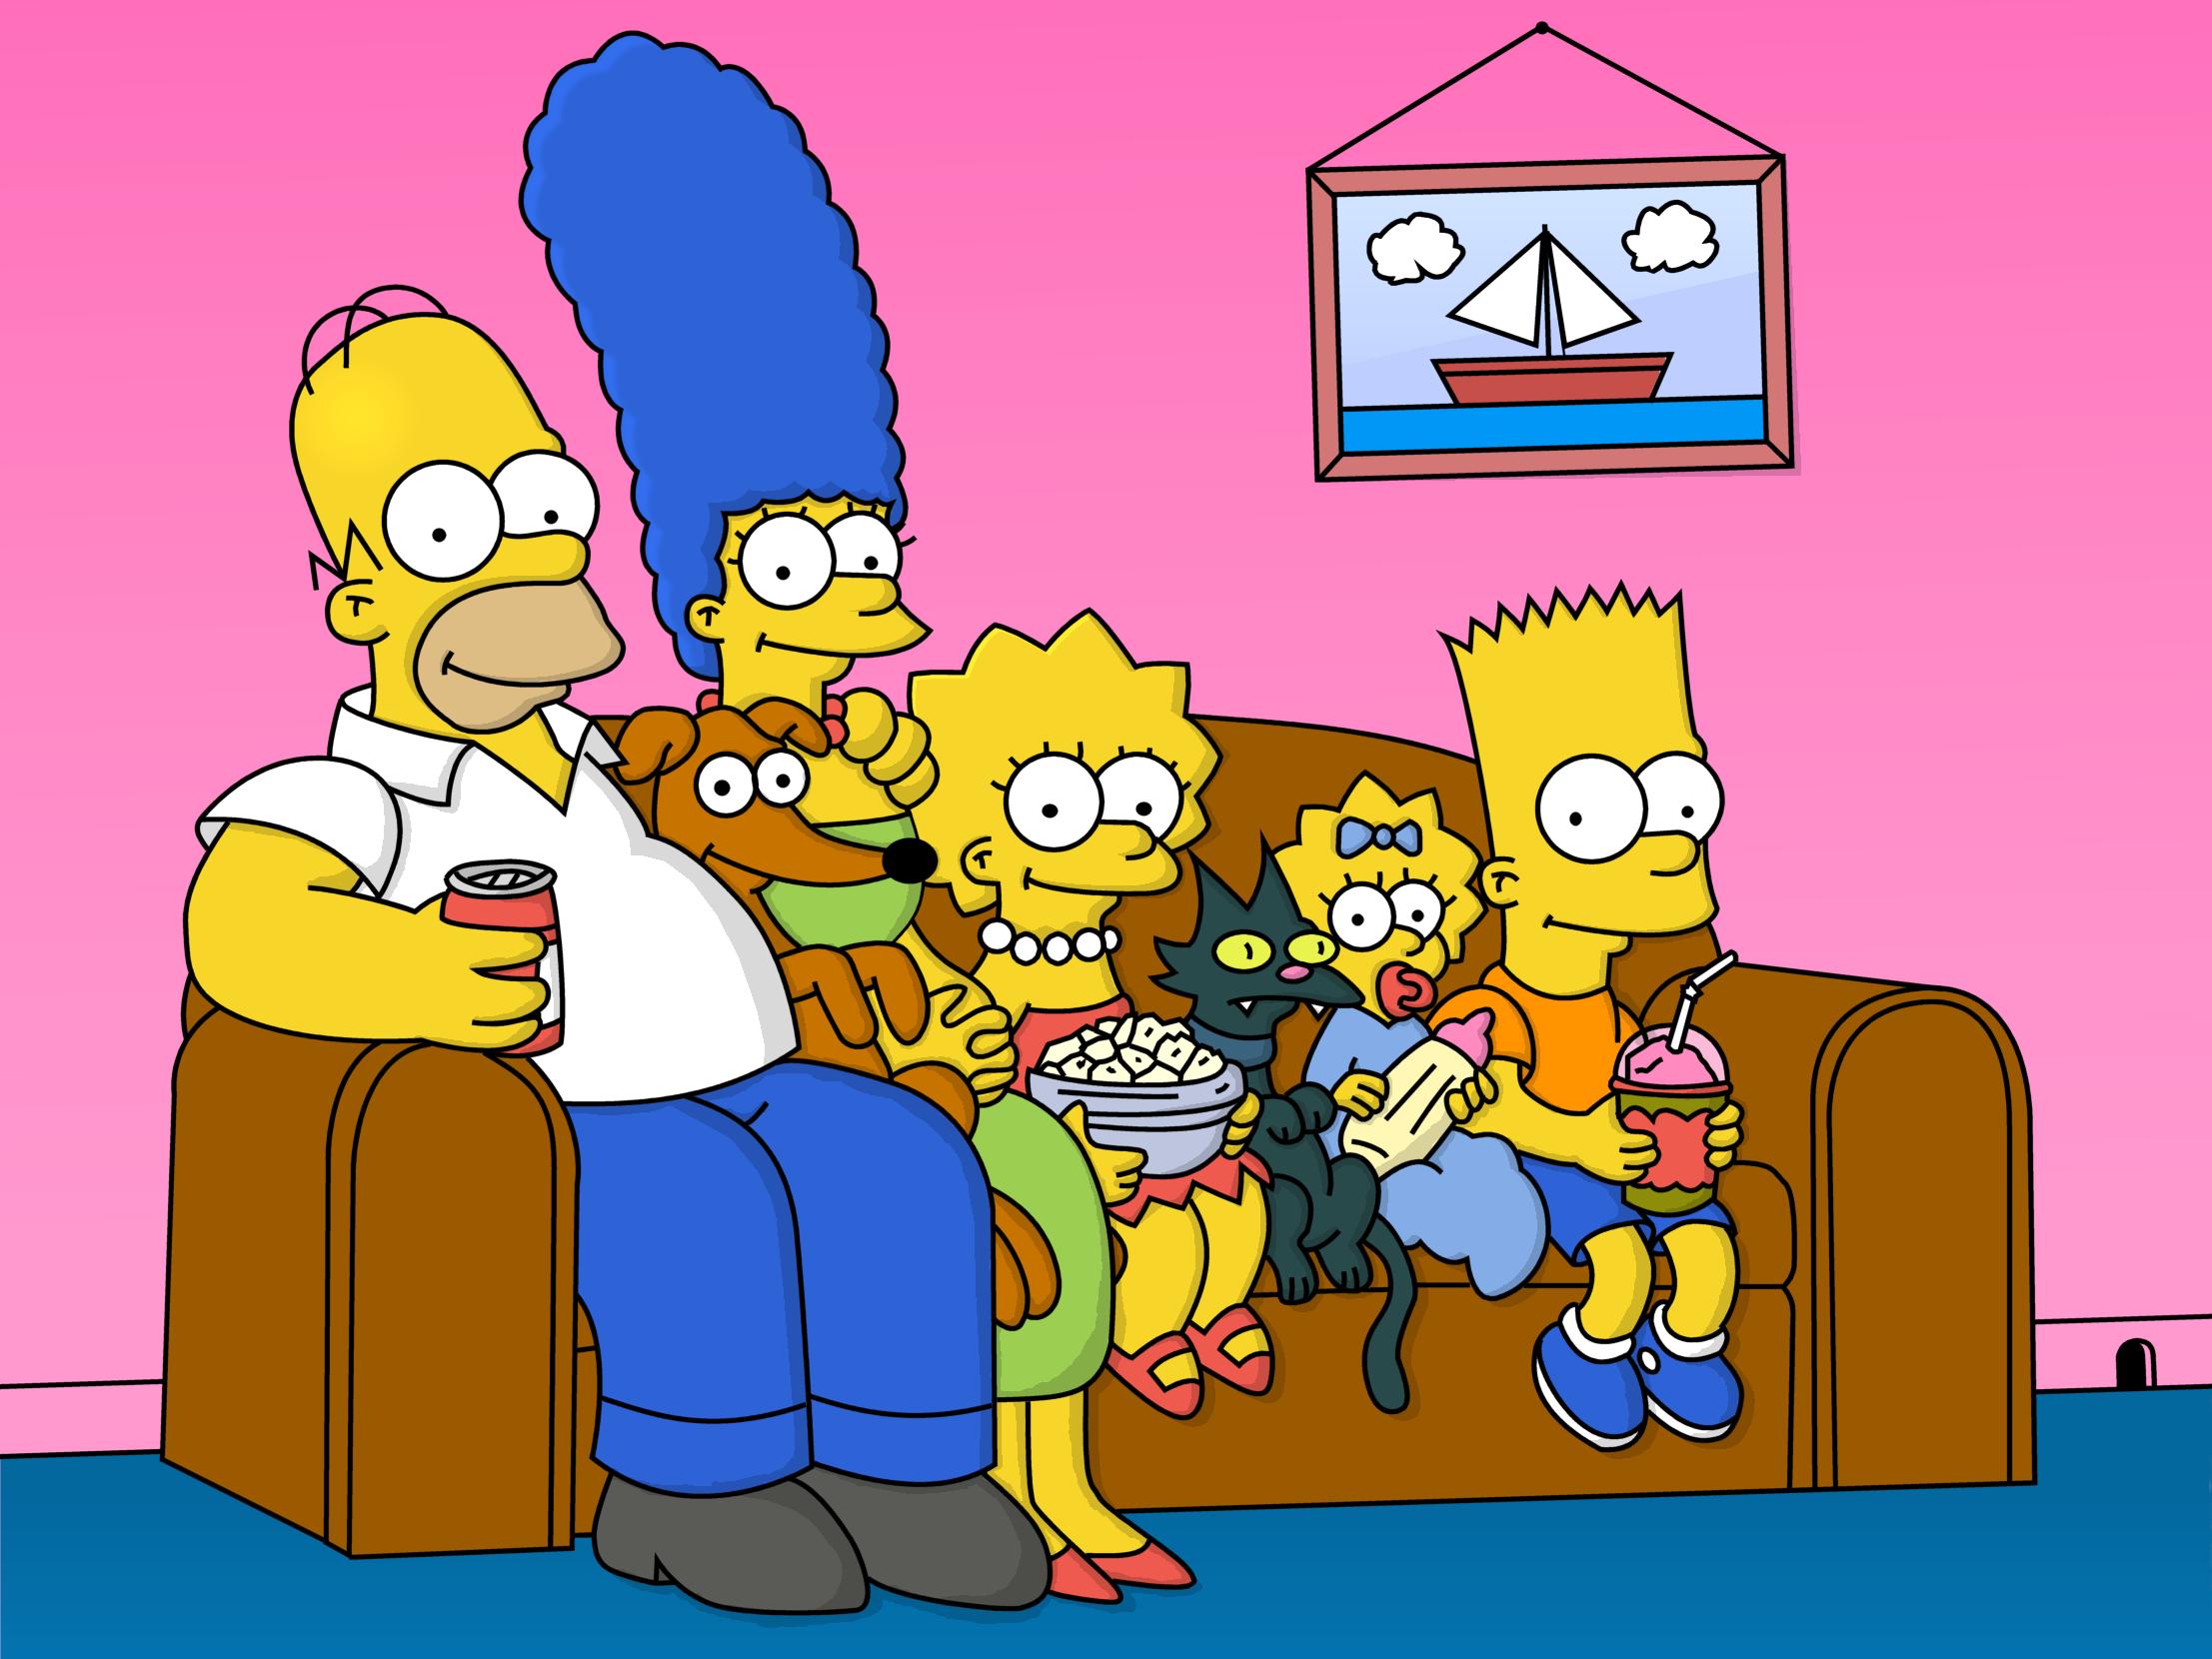 Симпсоны мультфильм 1989